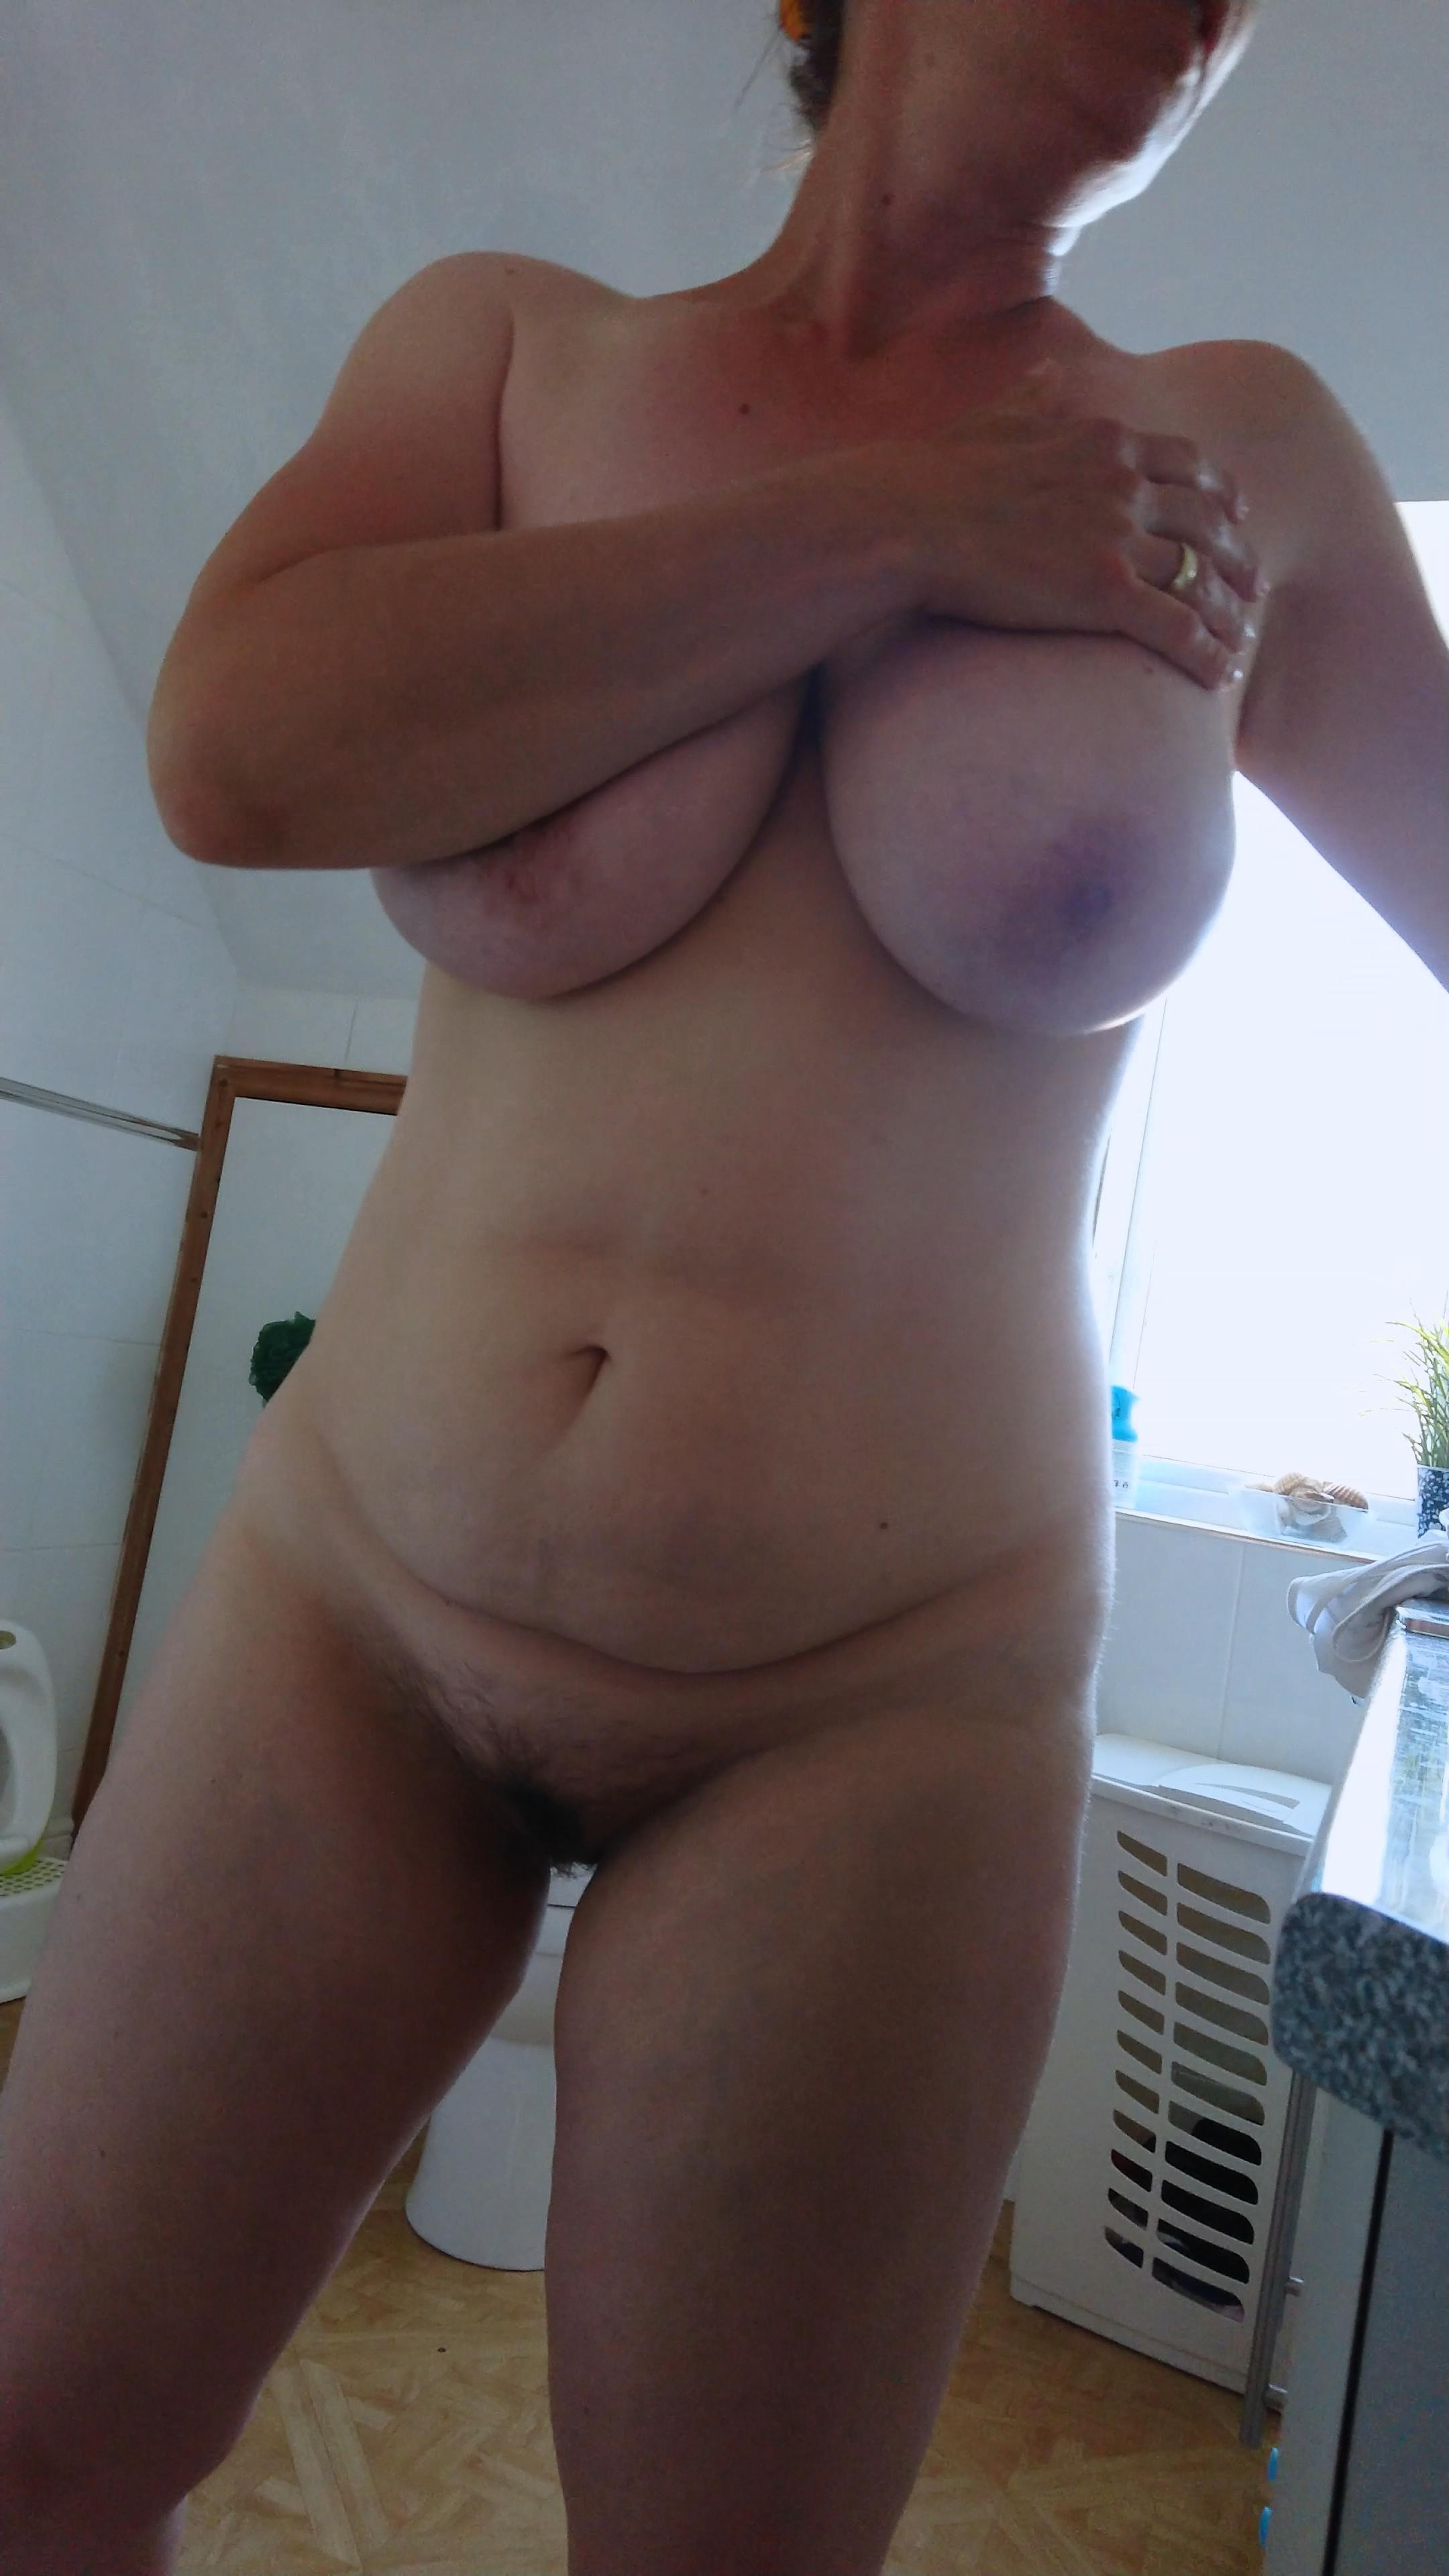 38dd nude